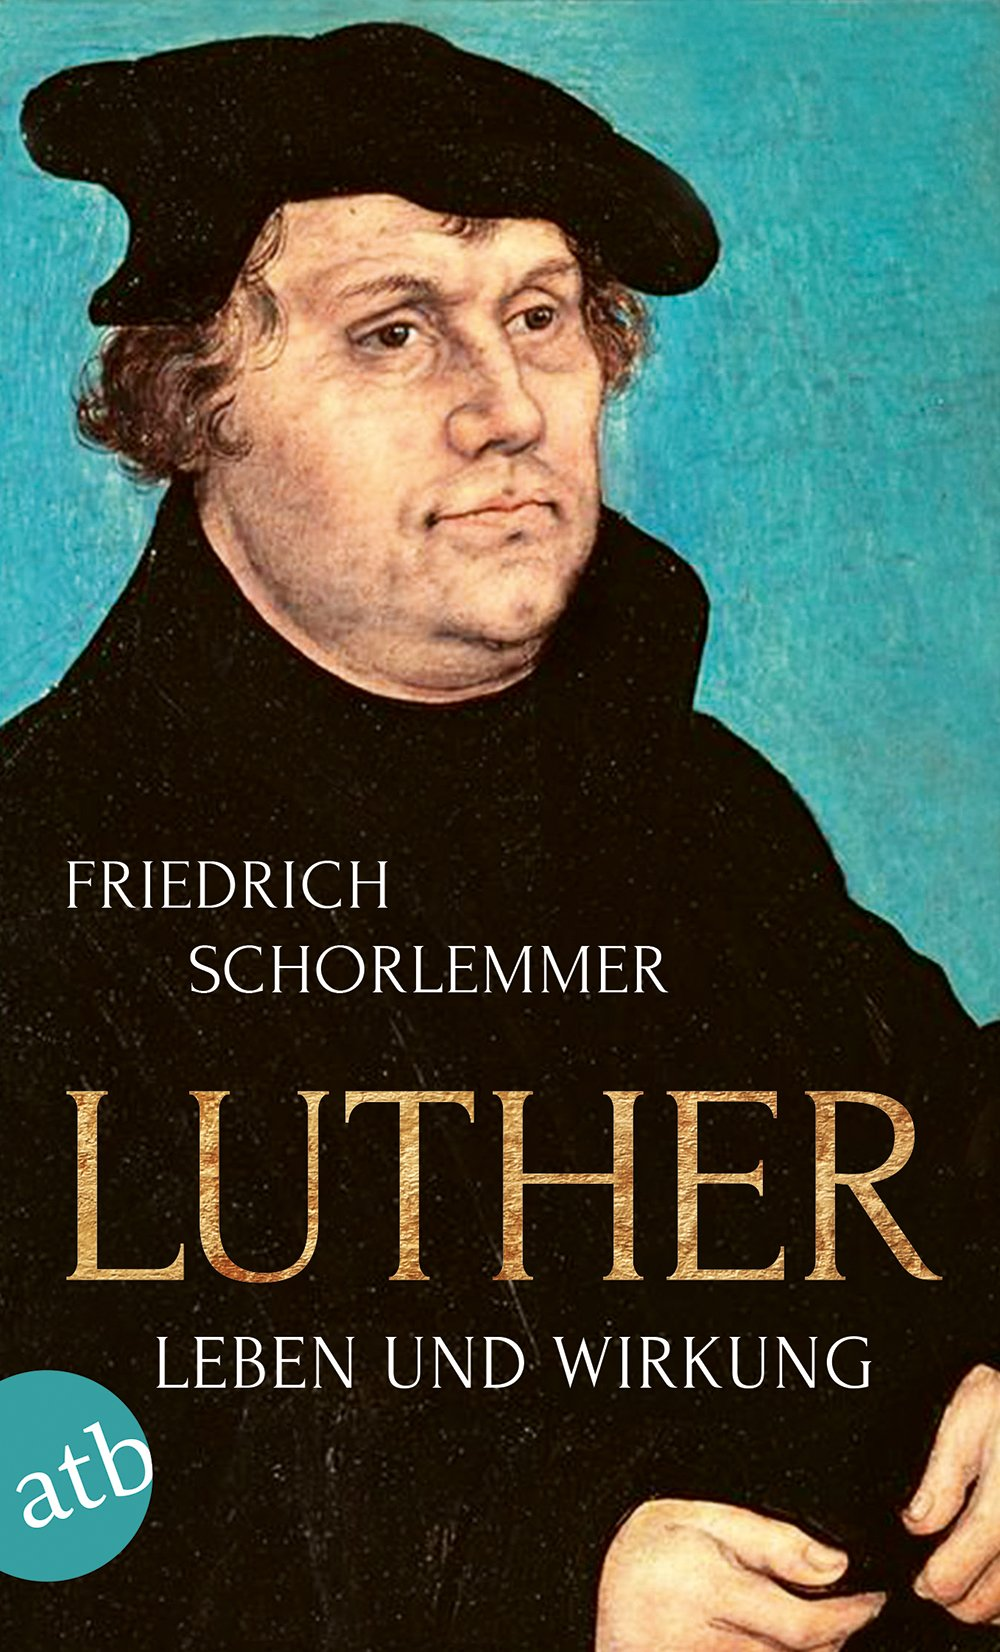 Luther Leben Und Wirkung Amazon Friedrich Schorlemmer Bücher